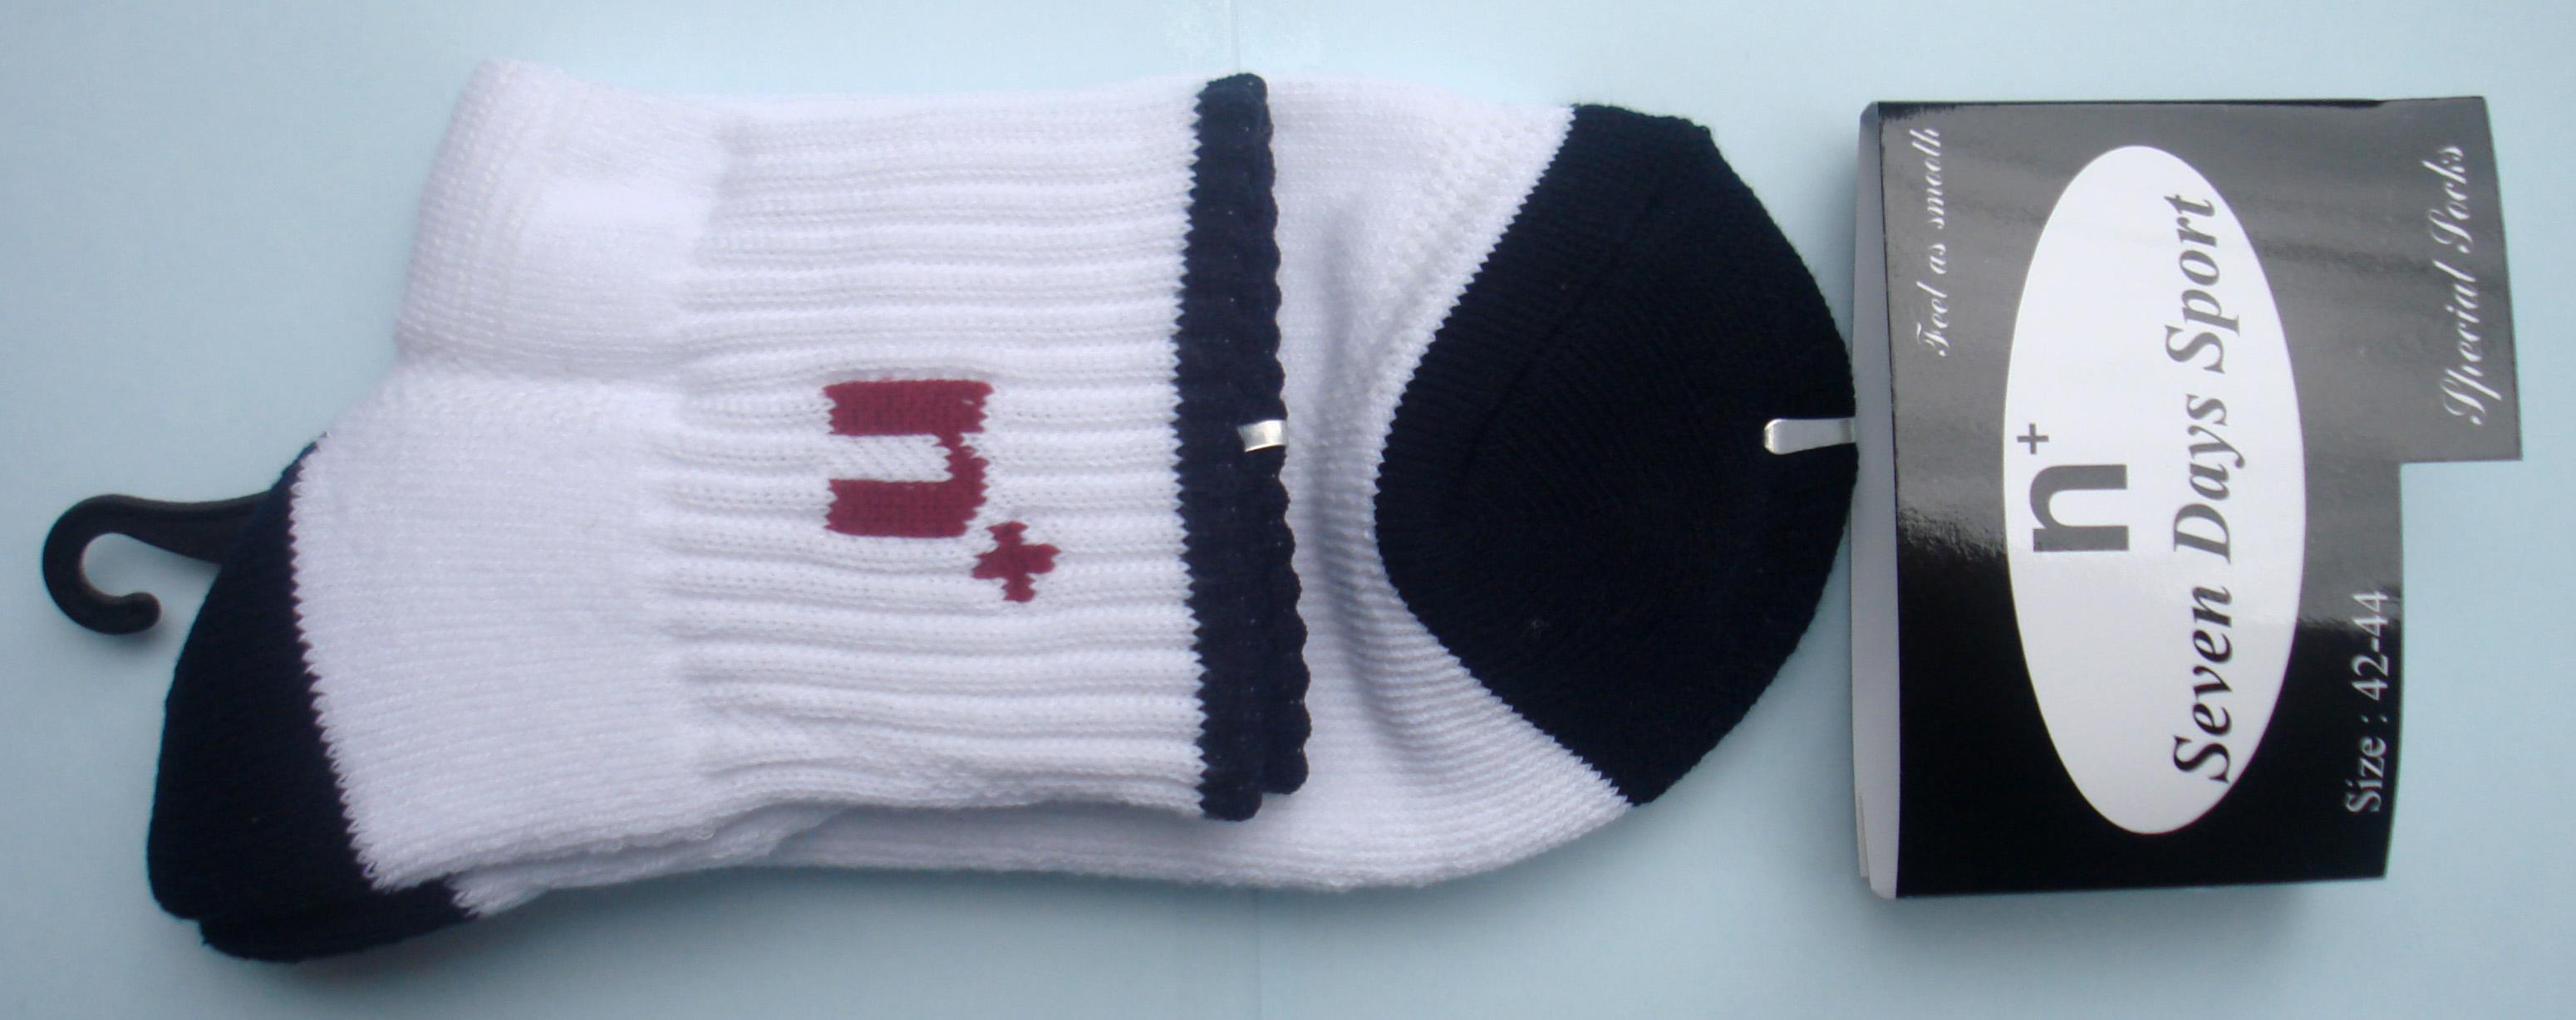 Smelless socks 06